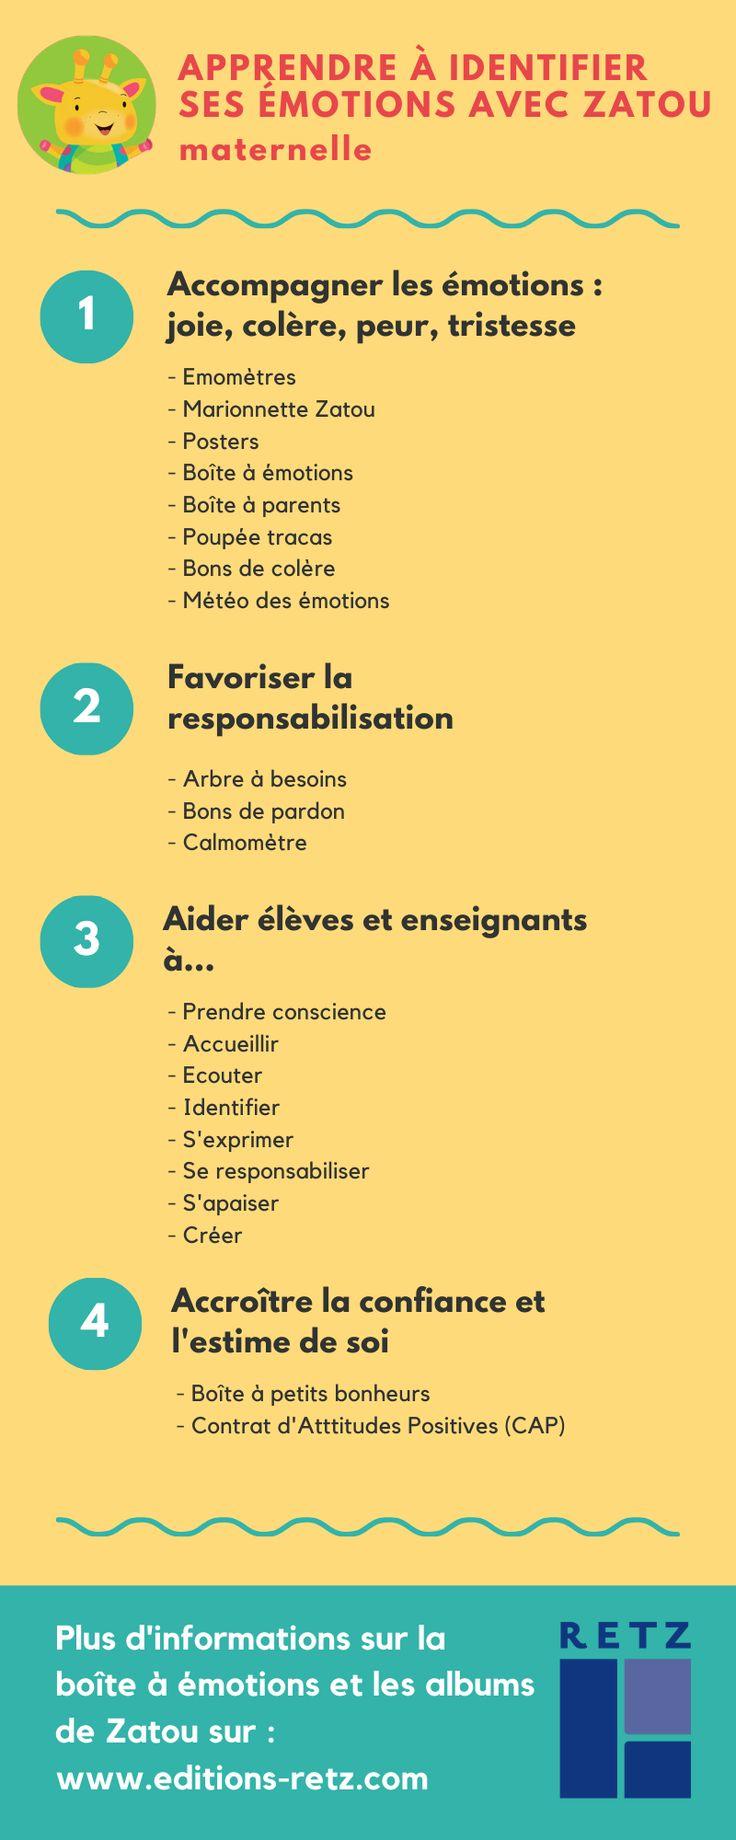 Épinglé Par Editions Retz Sur Enseigner Autrement concernant Éditions Retz Maternelle